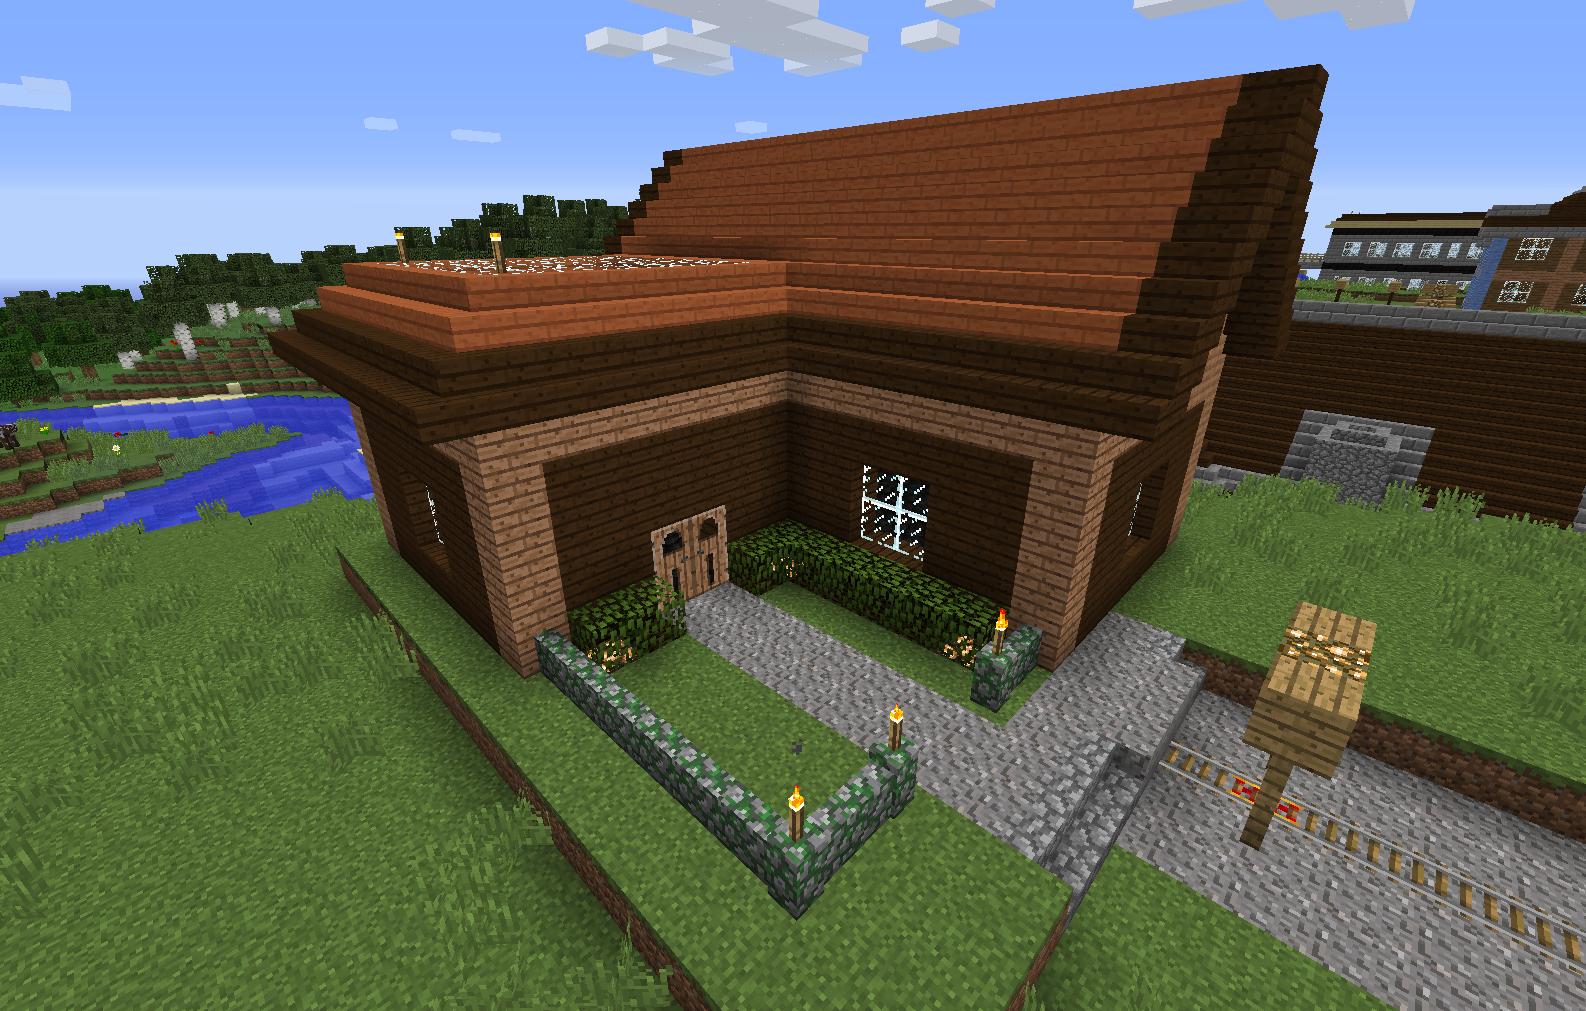 12.12.12.12:12 : LizC12 Minecraft: My 12th build: L-Shaped